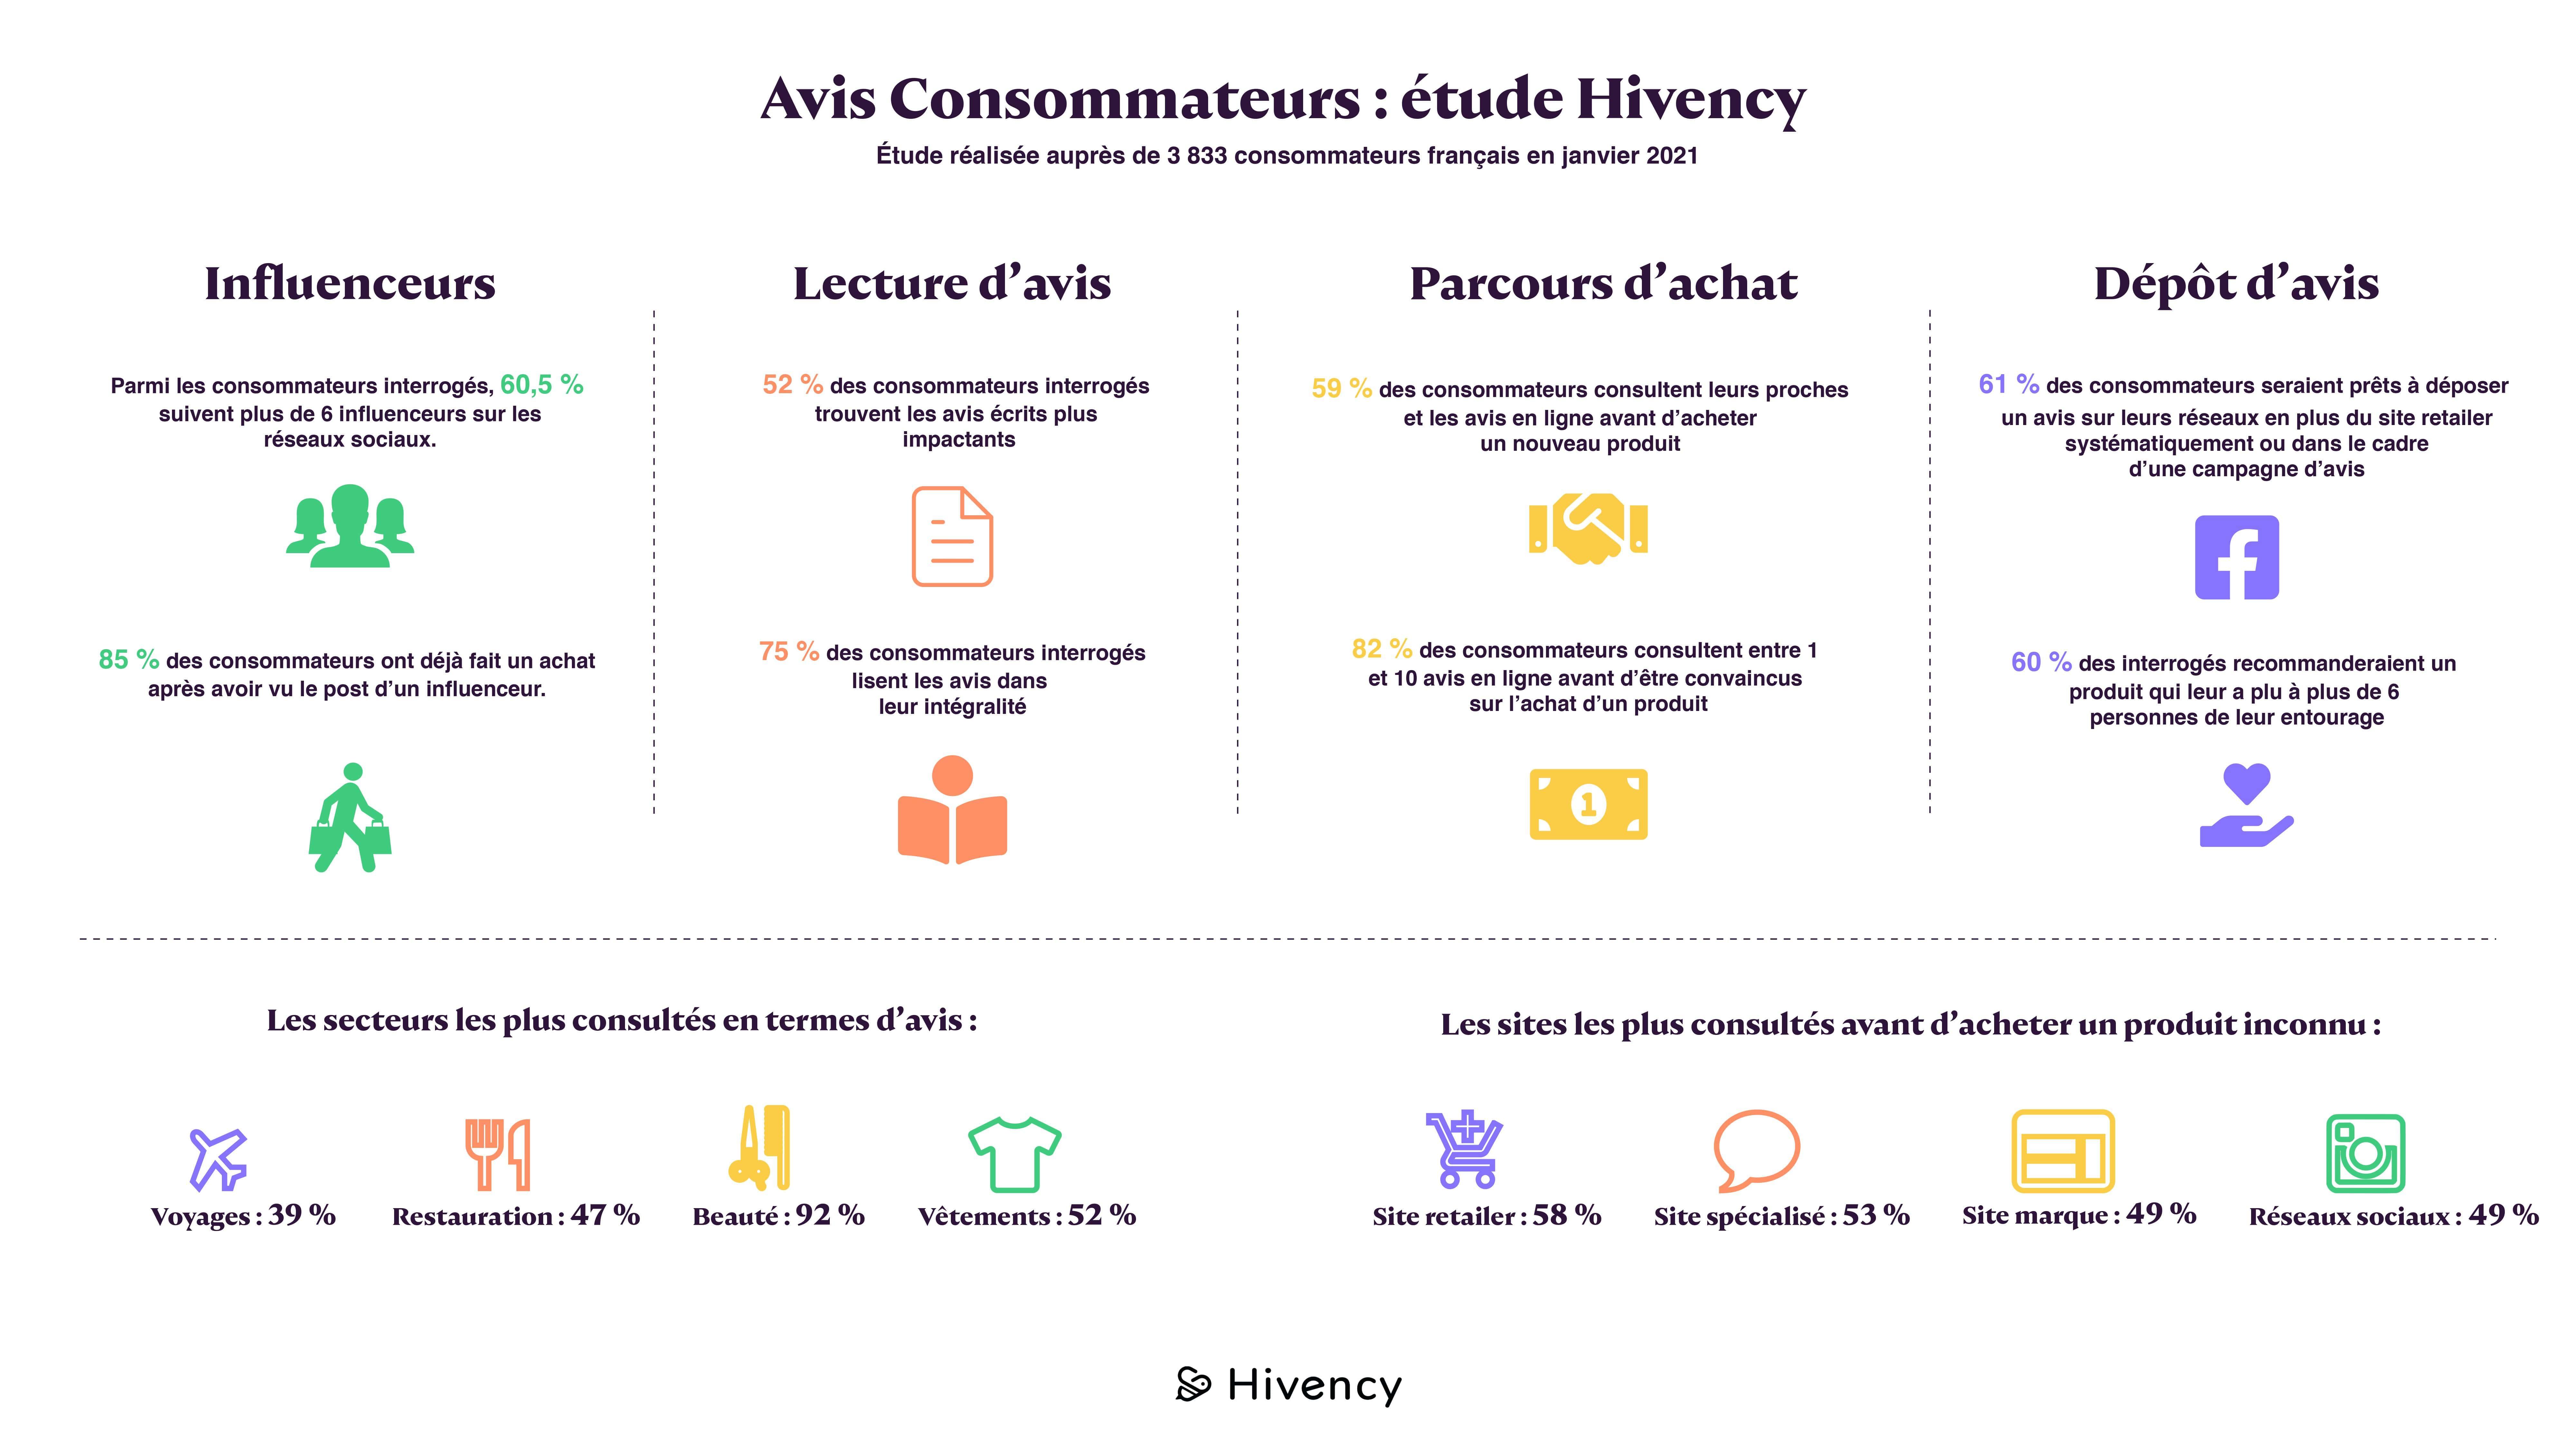 infographie avis consommateurs 2021_hivency